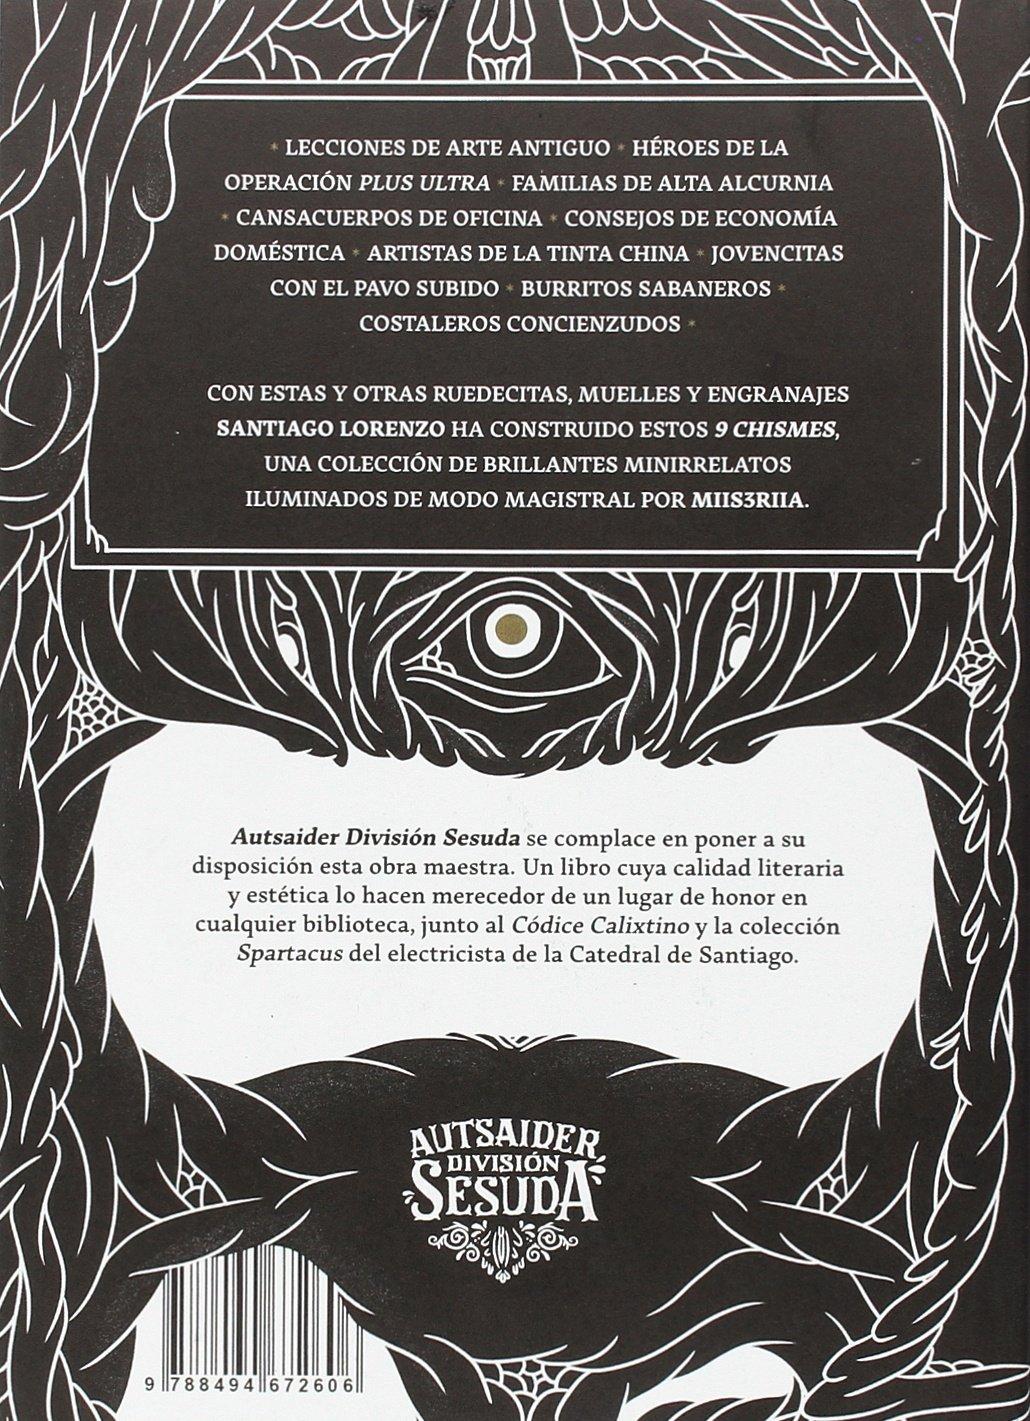 9 chismes (Autsaider División Sesuda): Amazon.es: Santiago Lorenzo ...